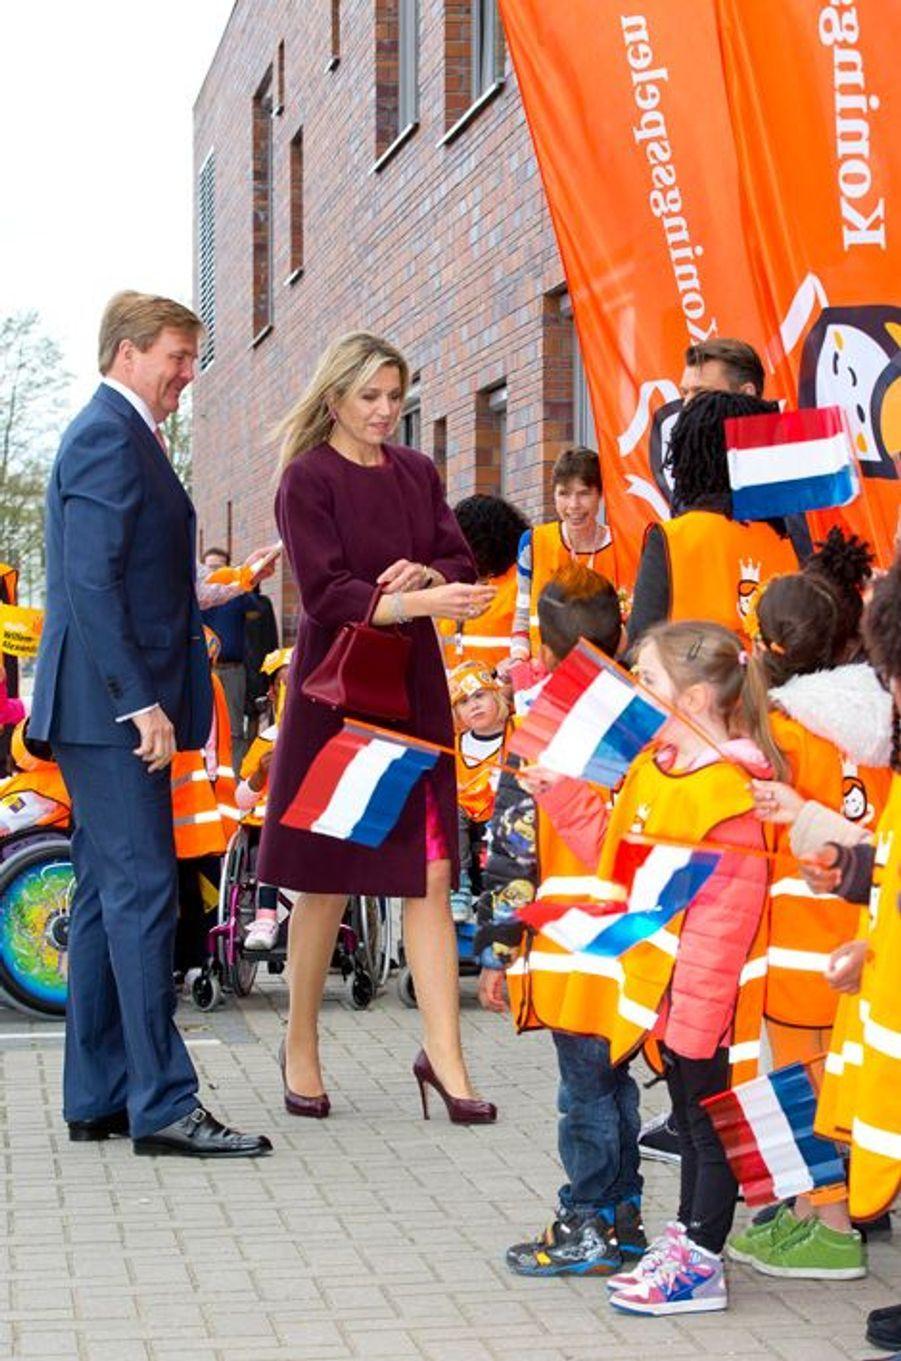 La reine Maxima et le roi Willem-Alexander des Pays-Bas à Amsterdam, le 22 avril 2016